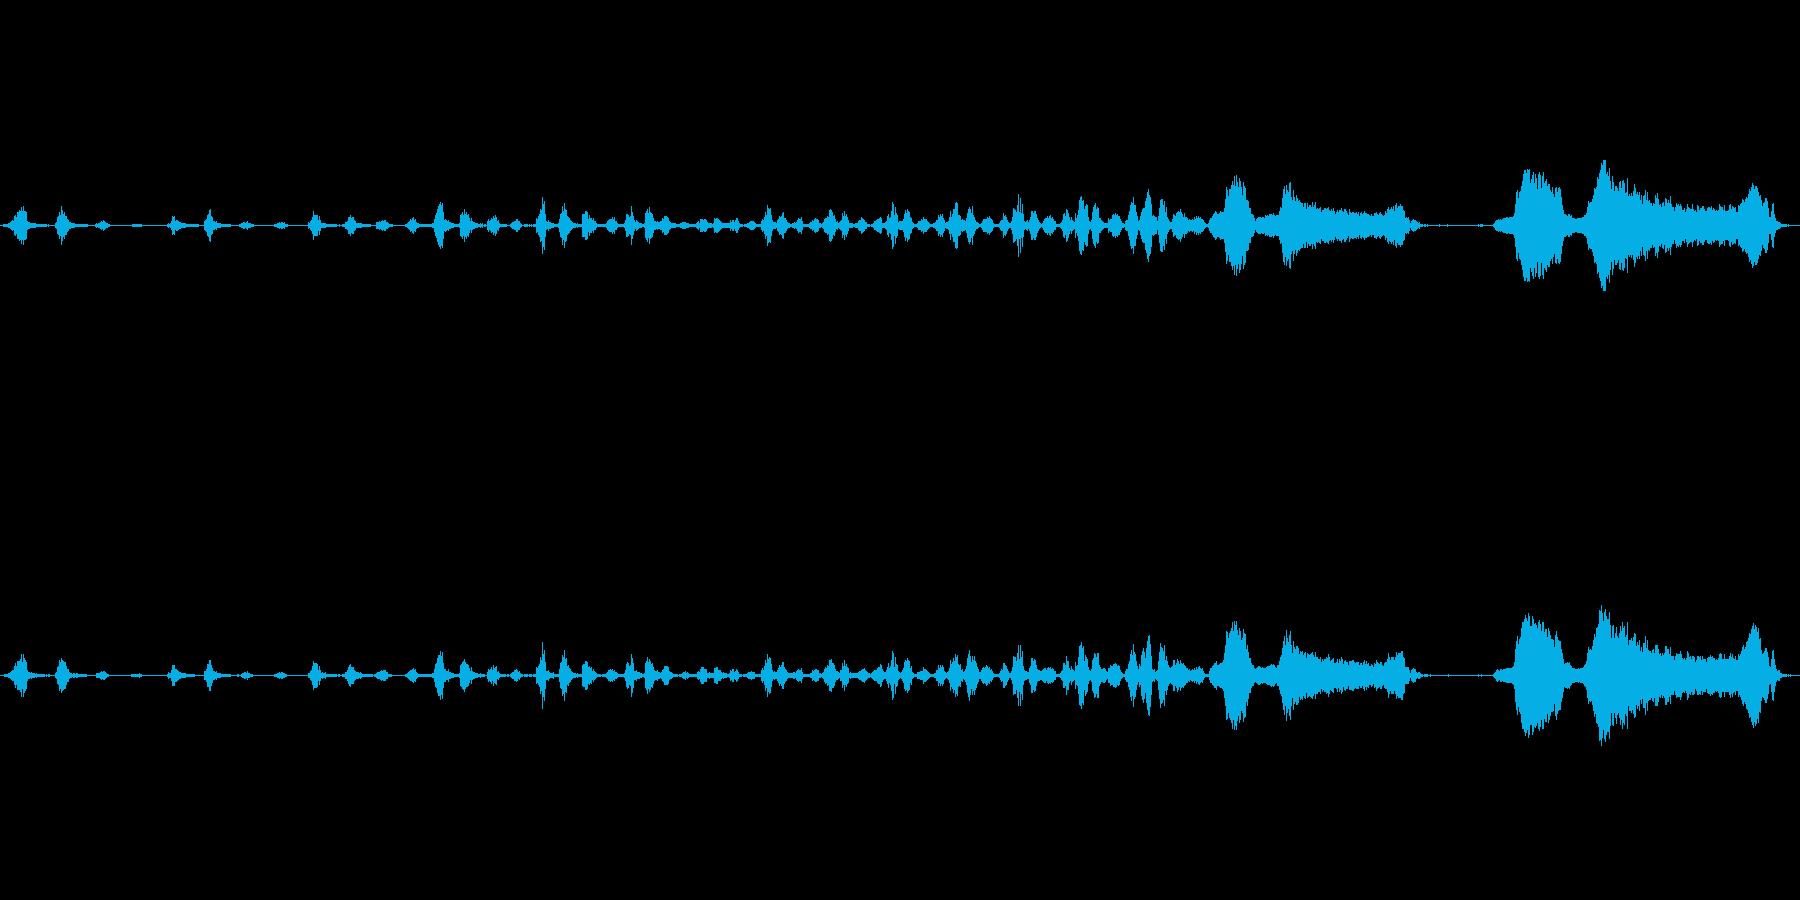 ハーモニカによる汽車が汽笛をあげて走る音の再生済みの波形